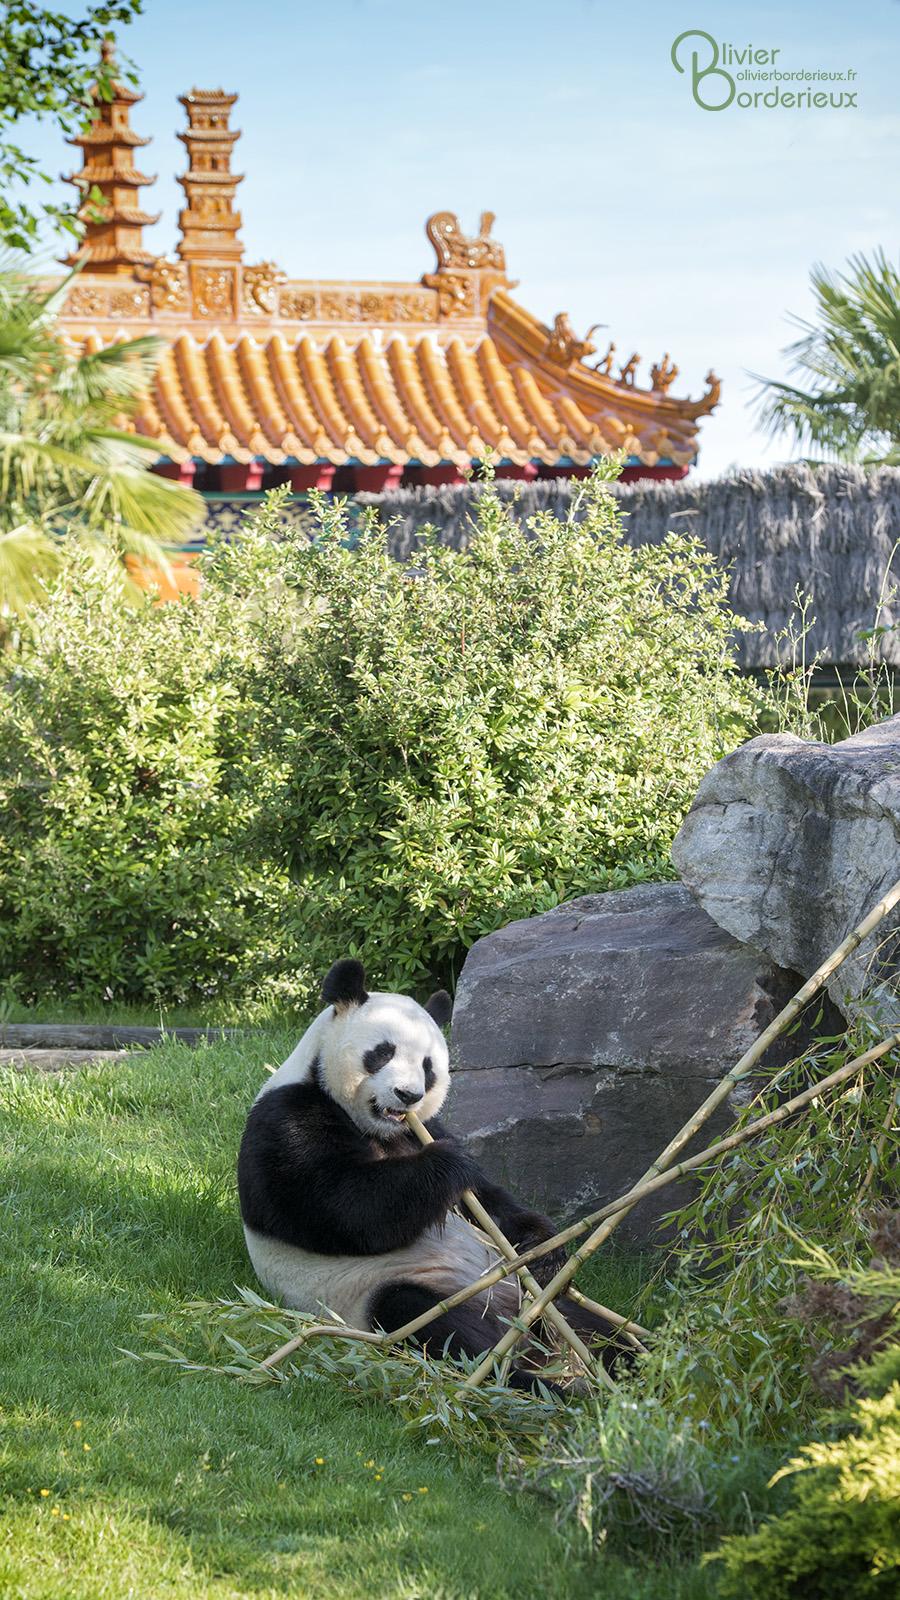 Zooparc de beauval le plus beau zoo de france for Appart hotel zoo de beauval